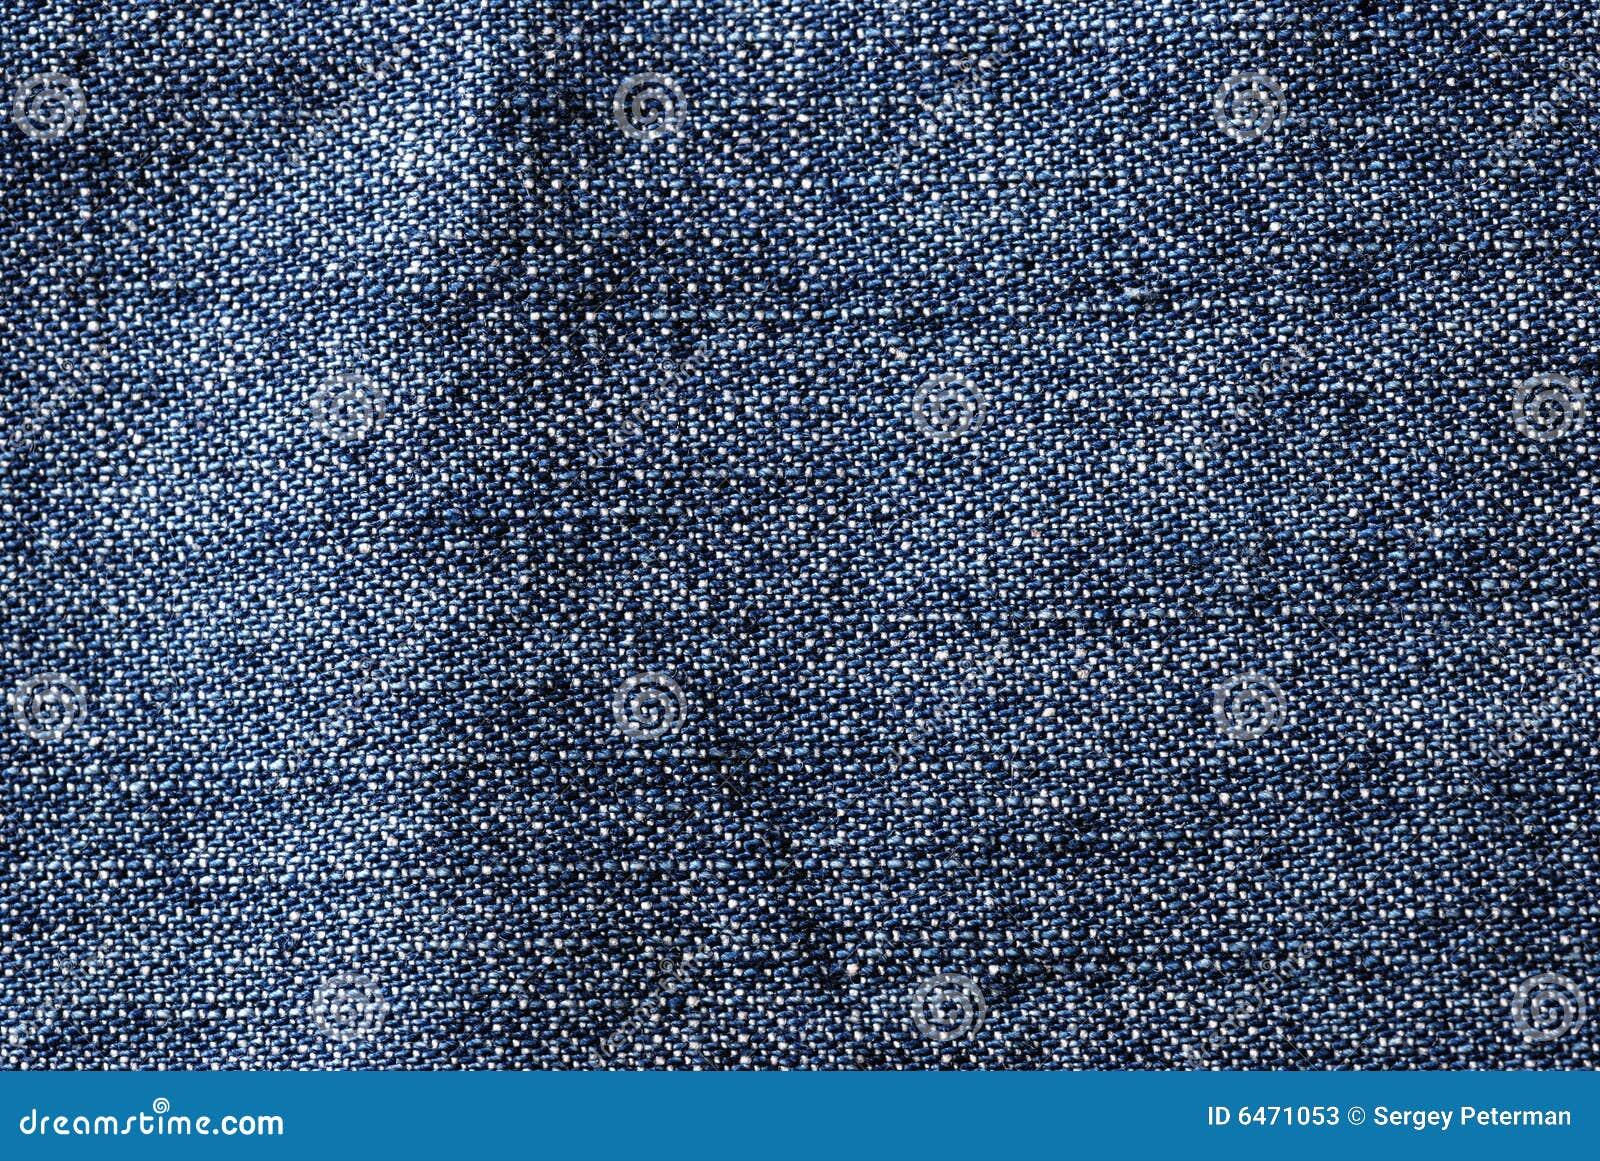 牛仔裤纹理